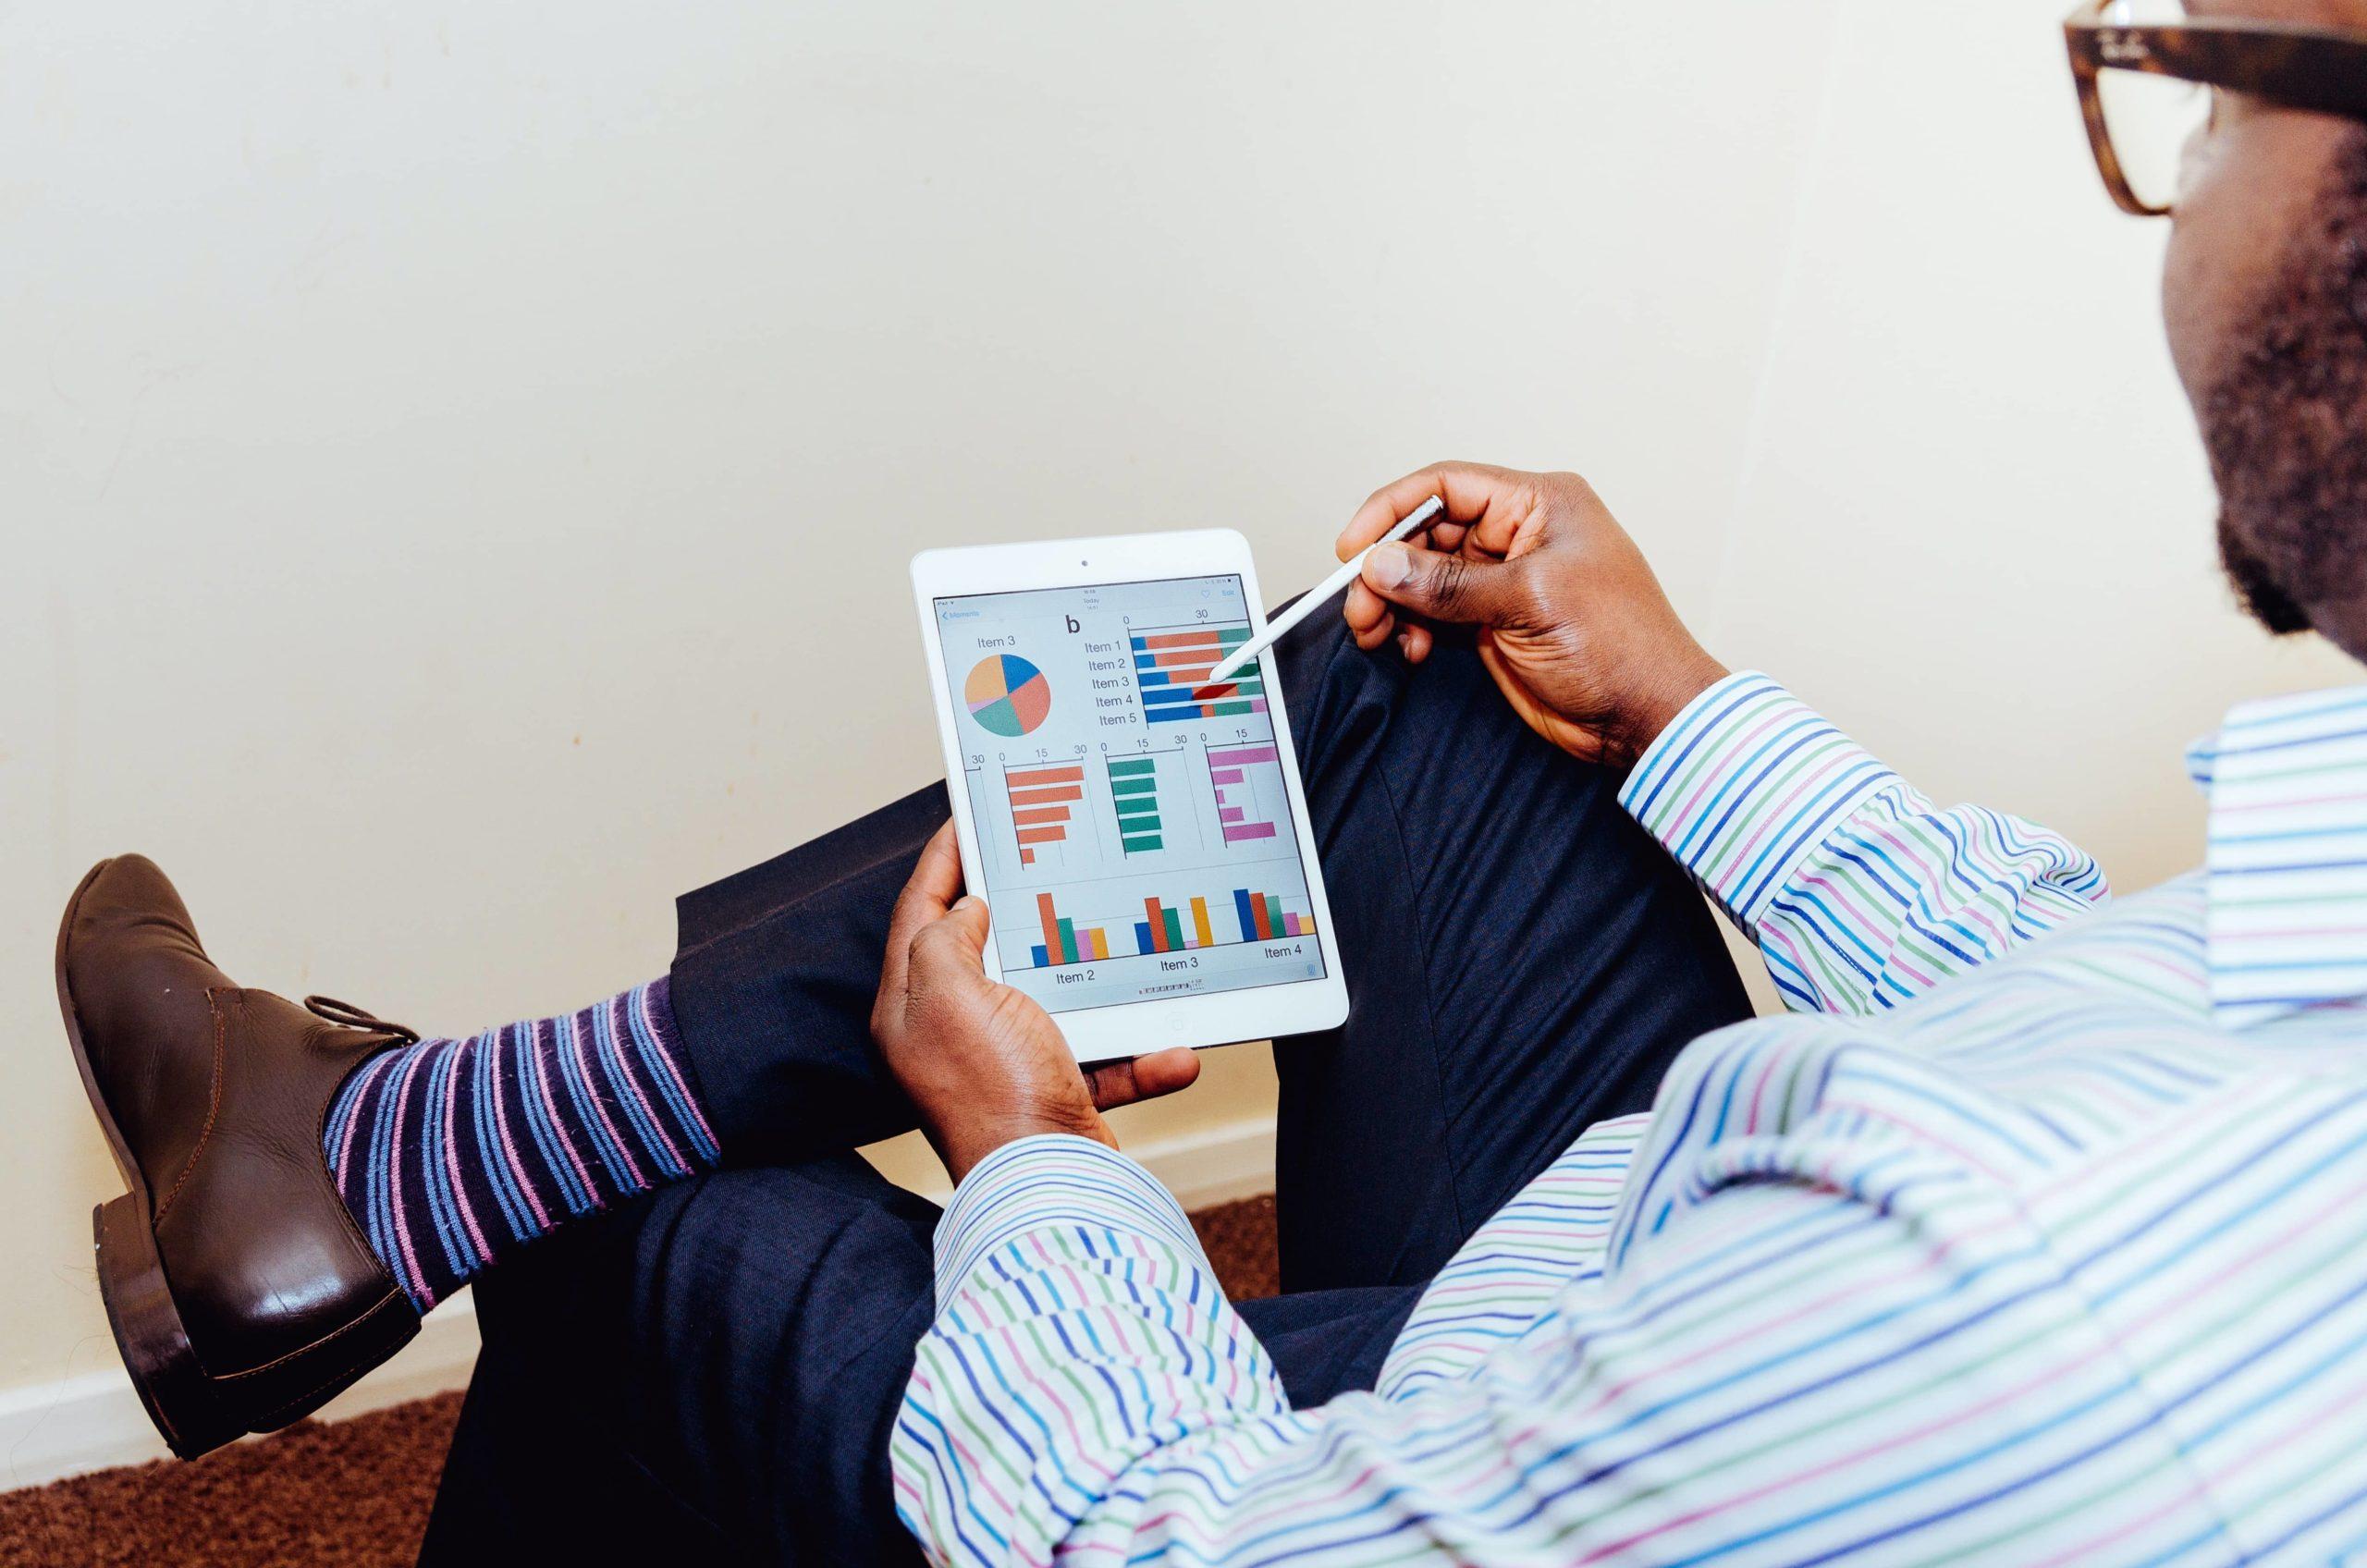 Homme-analyse-données-sur-tablette